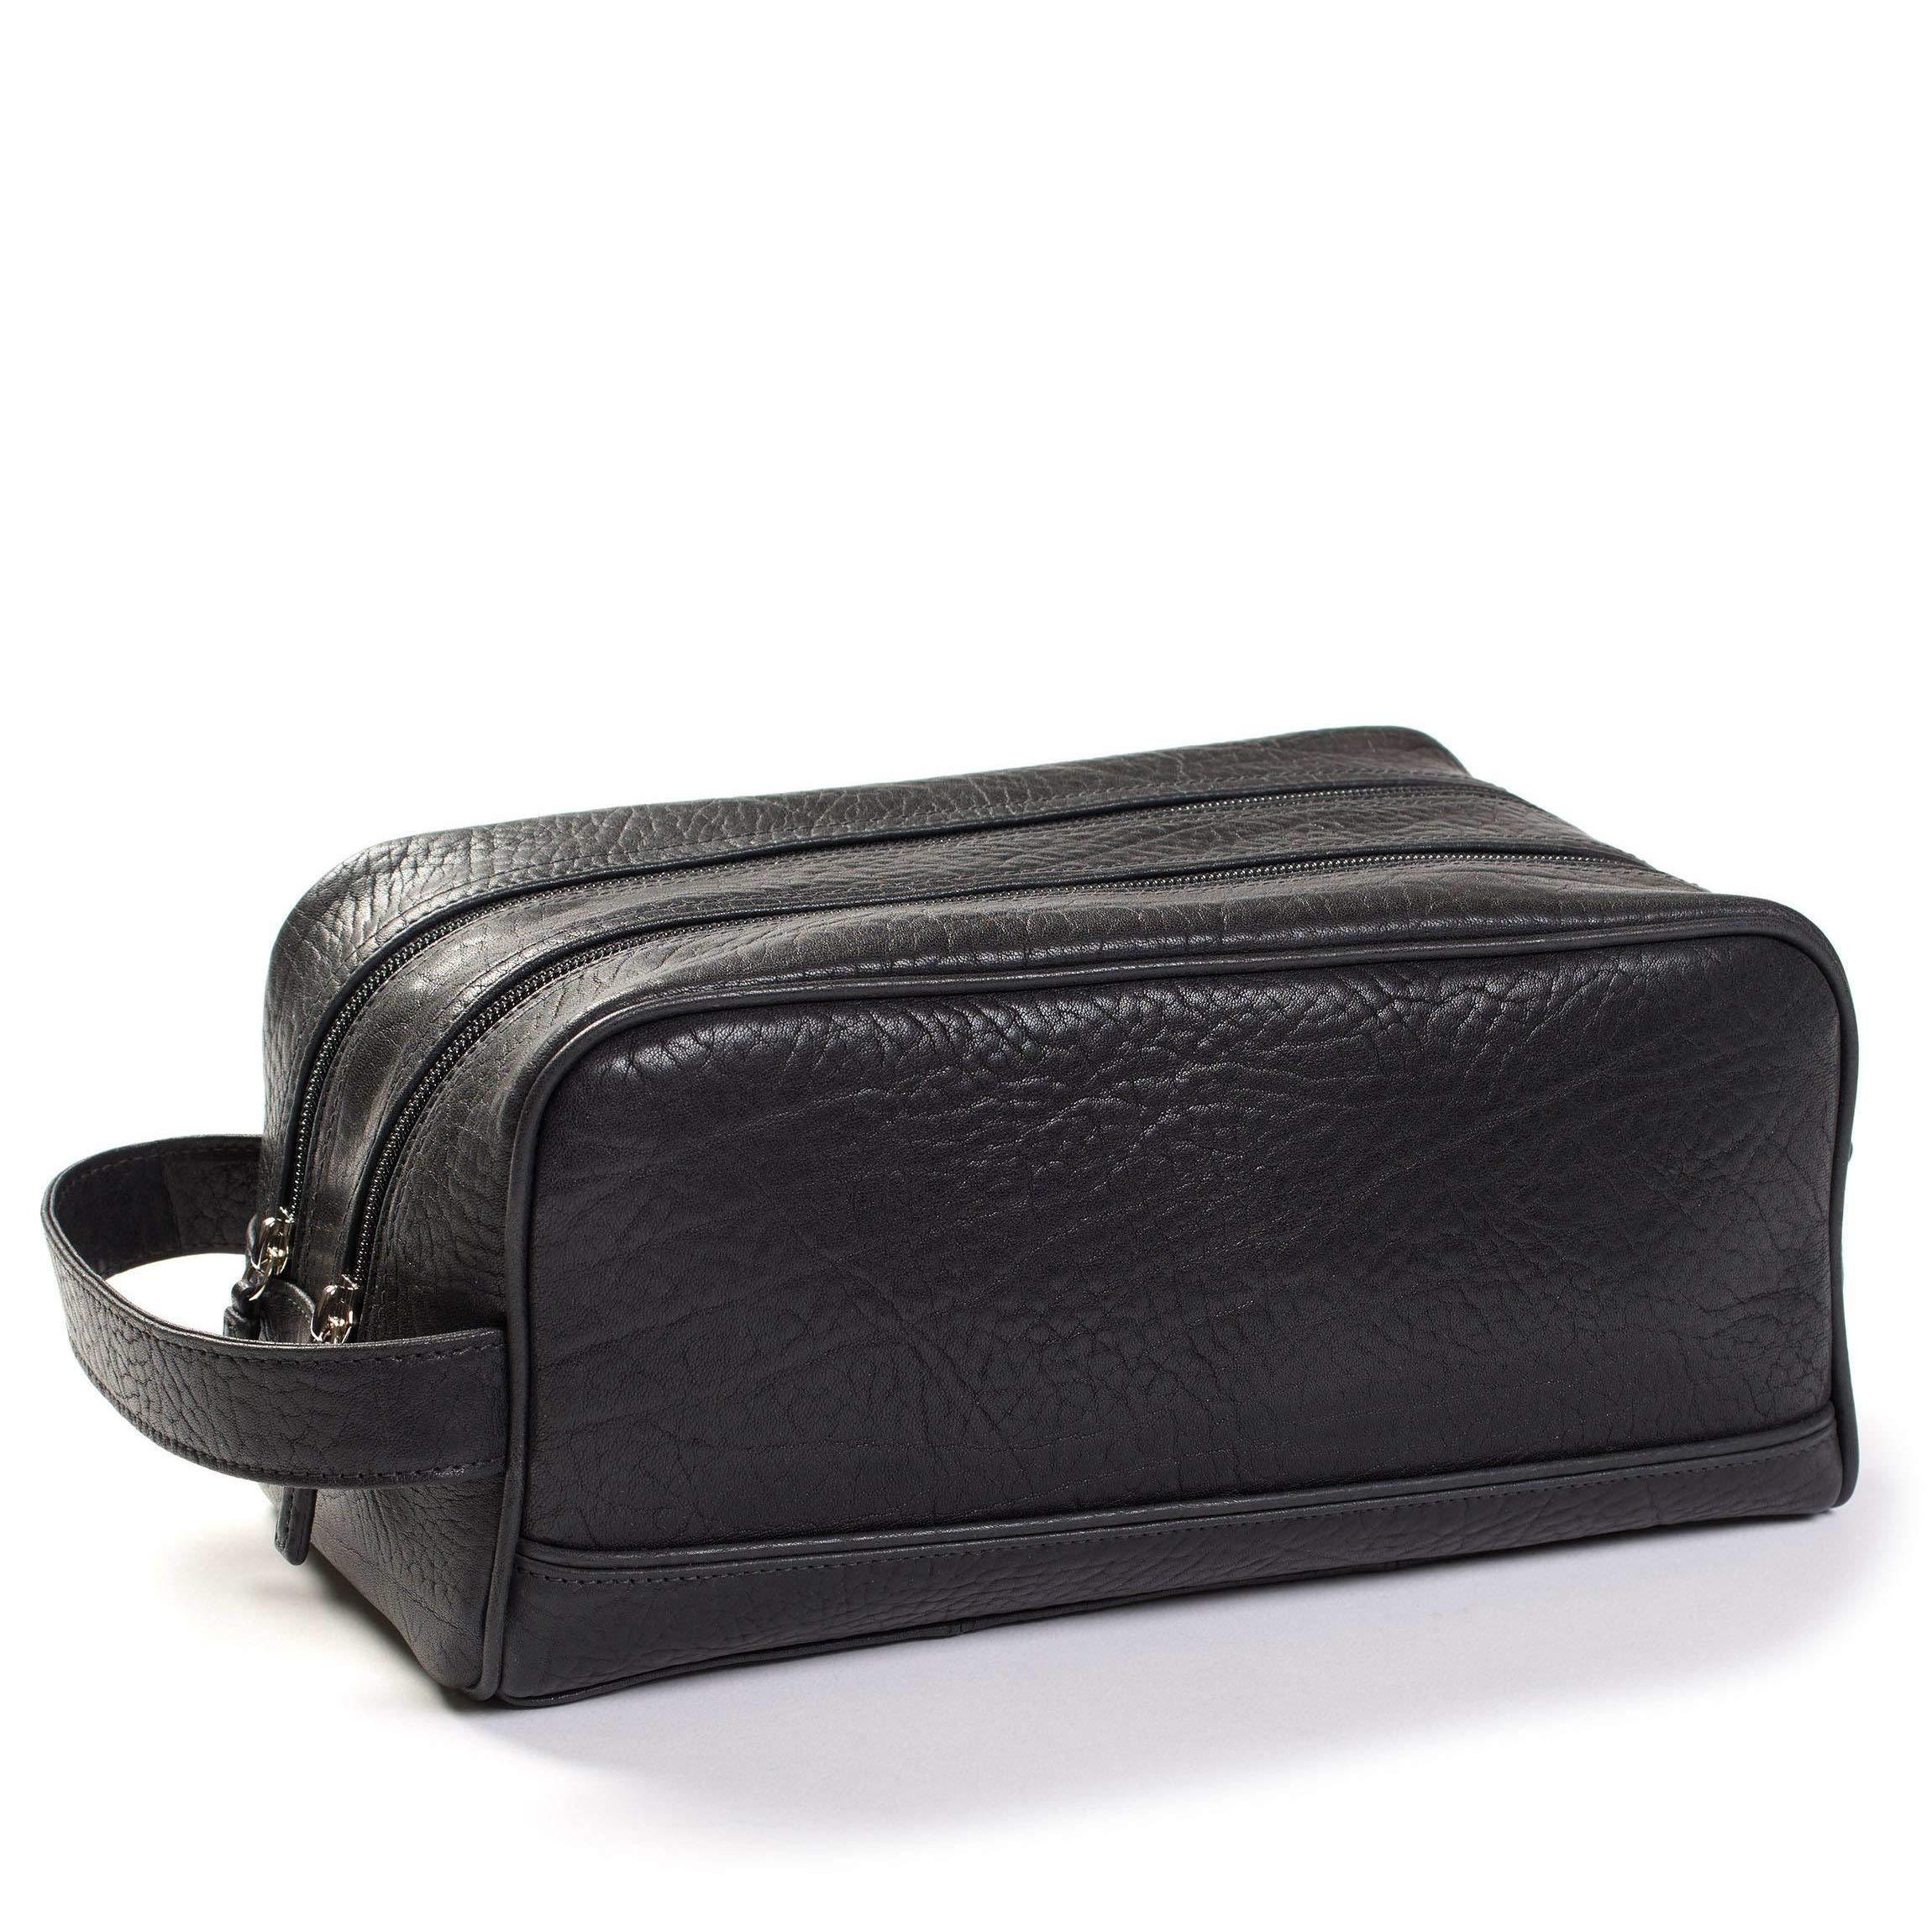 Leatherology Double Zip Toiletry Bag - Italian Leather - Ebony (black)